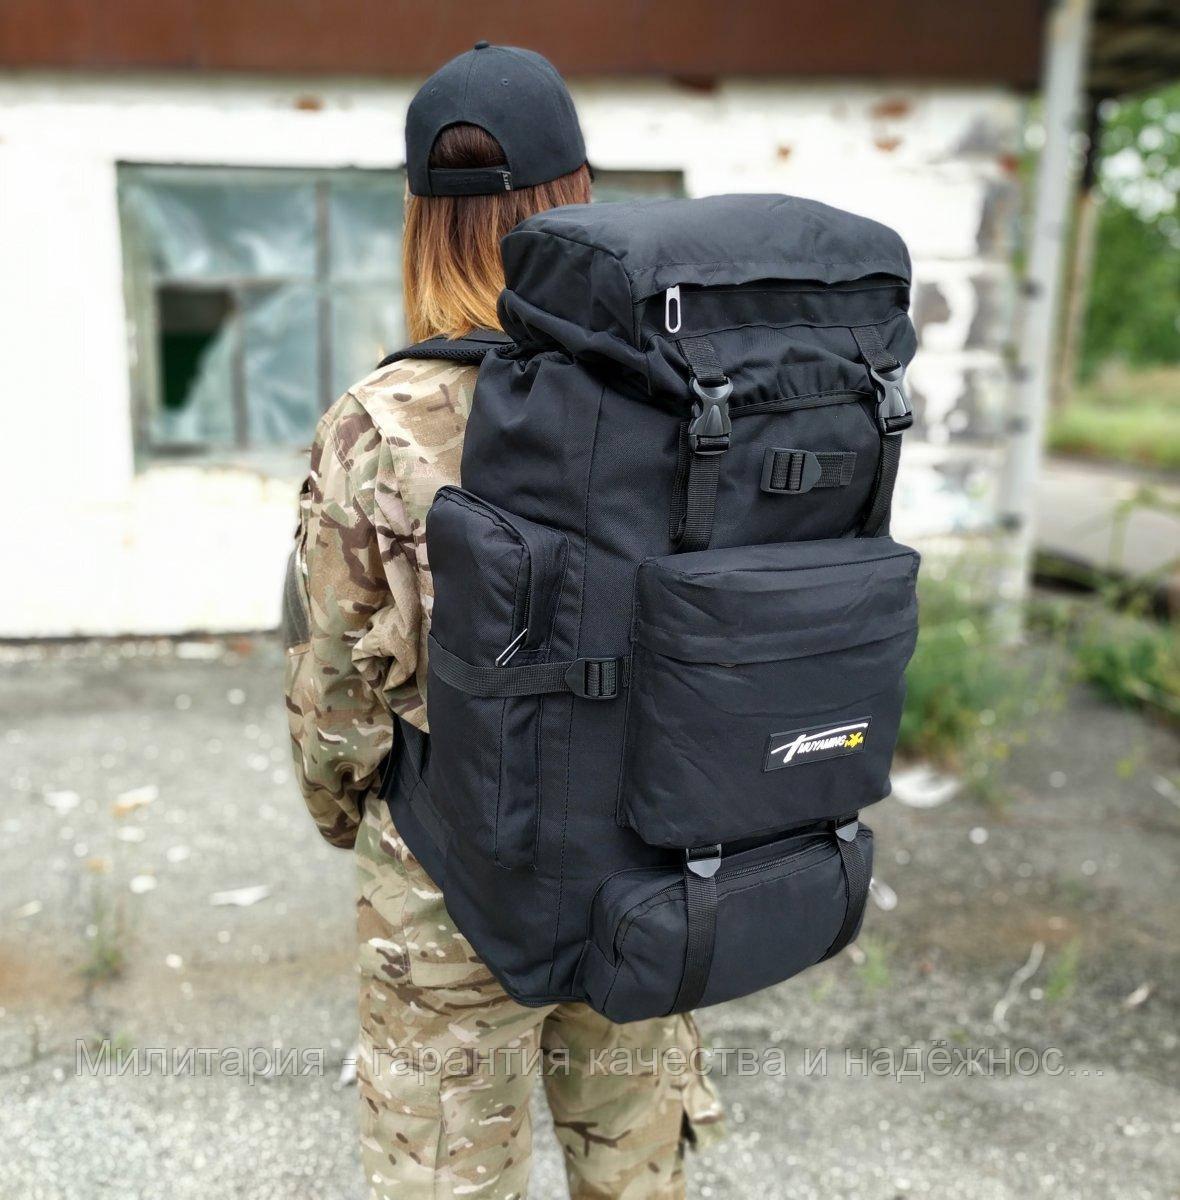 Тактический (туристический) рюкзак на 80 л увеличивается дно Black (ta70-new-1005-black)